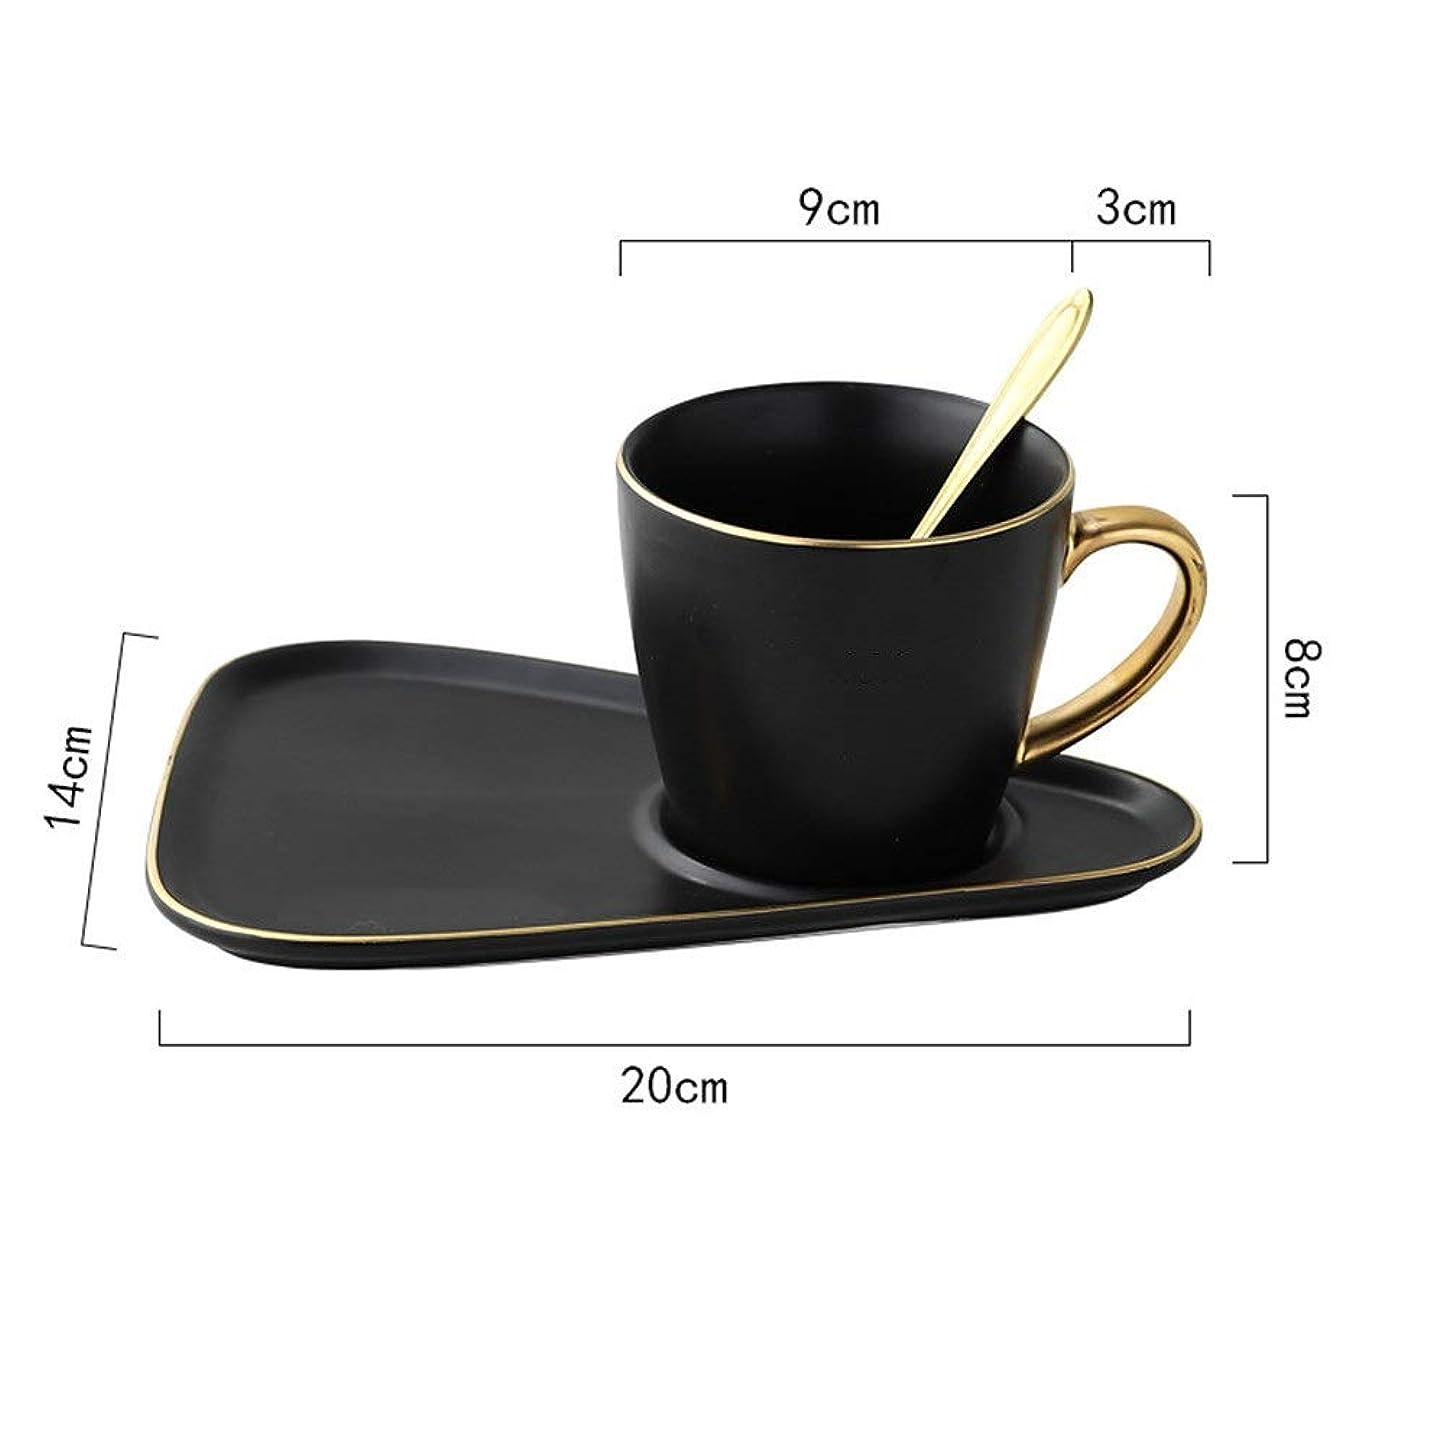 メキシコ痛み封筒カップ ノルディックライトラグジュアリー朝食カップマット使用中のオフィス住宅用セラミックコーヒーカップ コーヒーマグカップ (色 : ブラック, サイズ : 250ml)